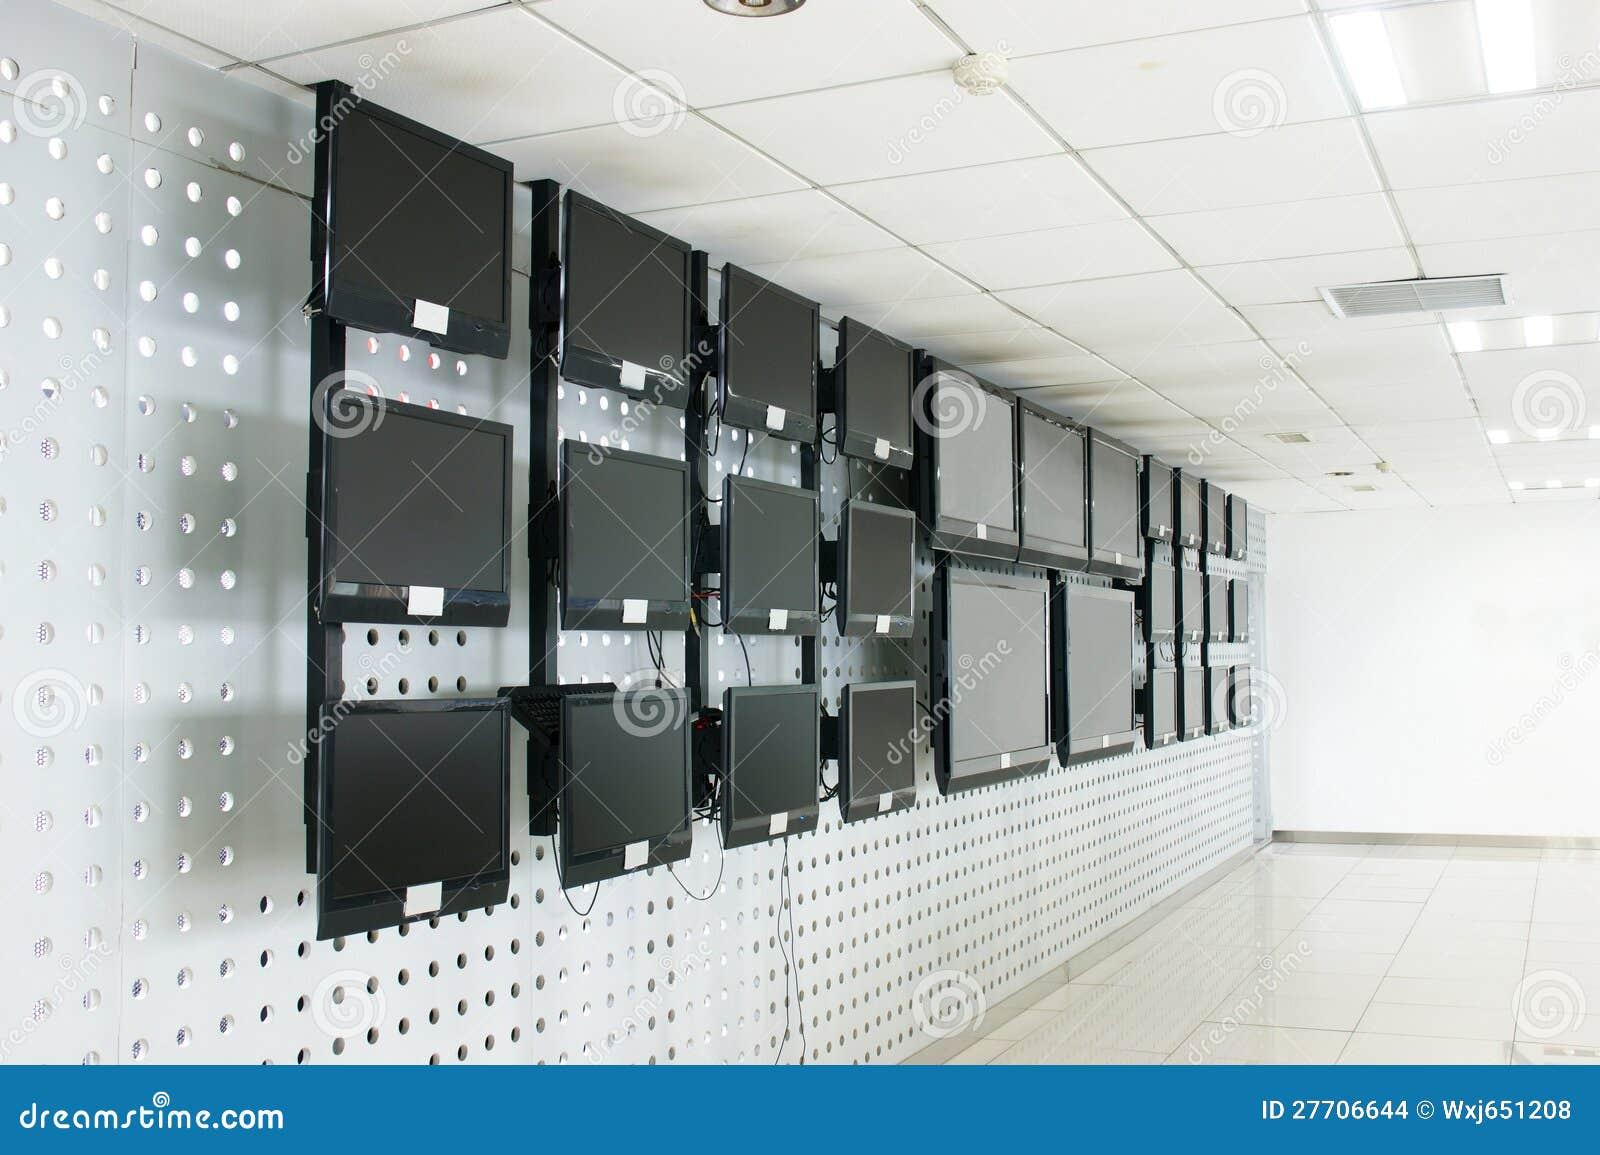 fernsehwand - Design Fernsehwnde